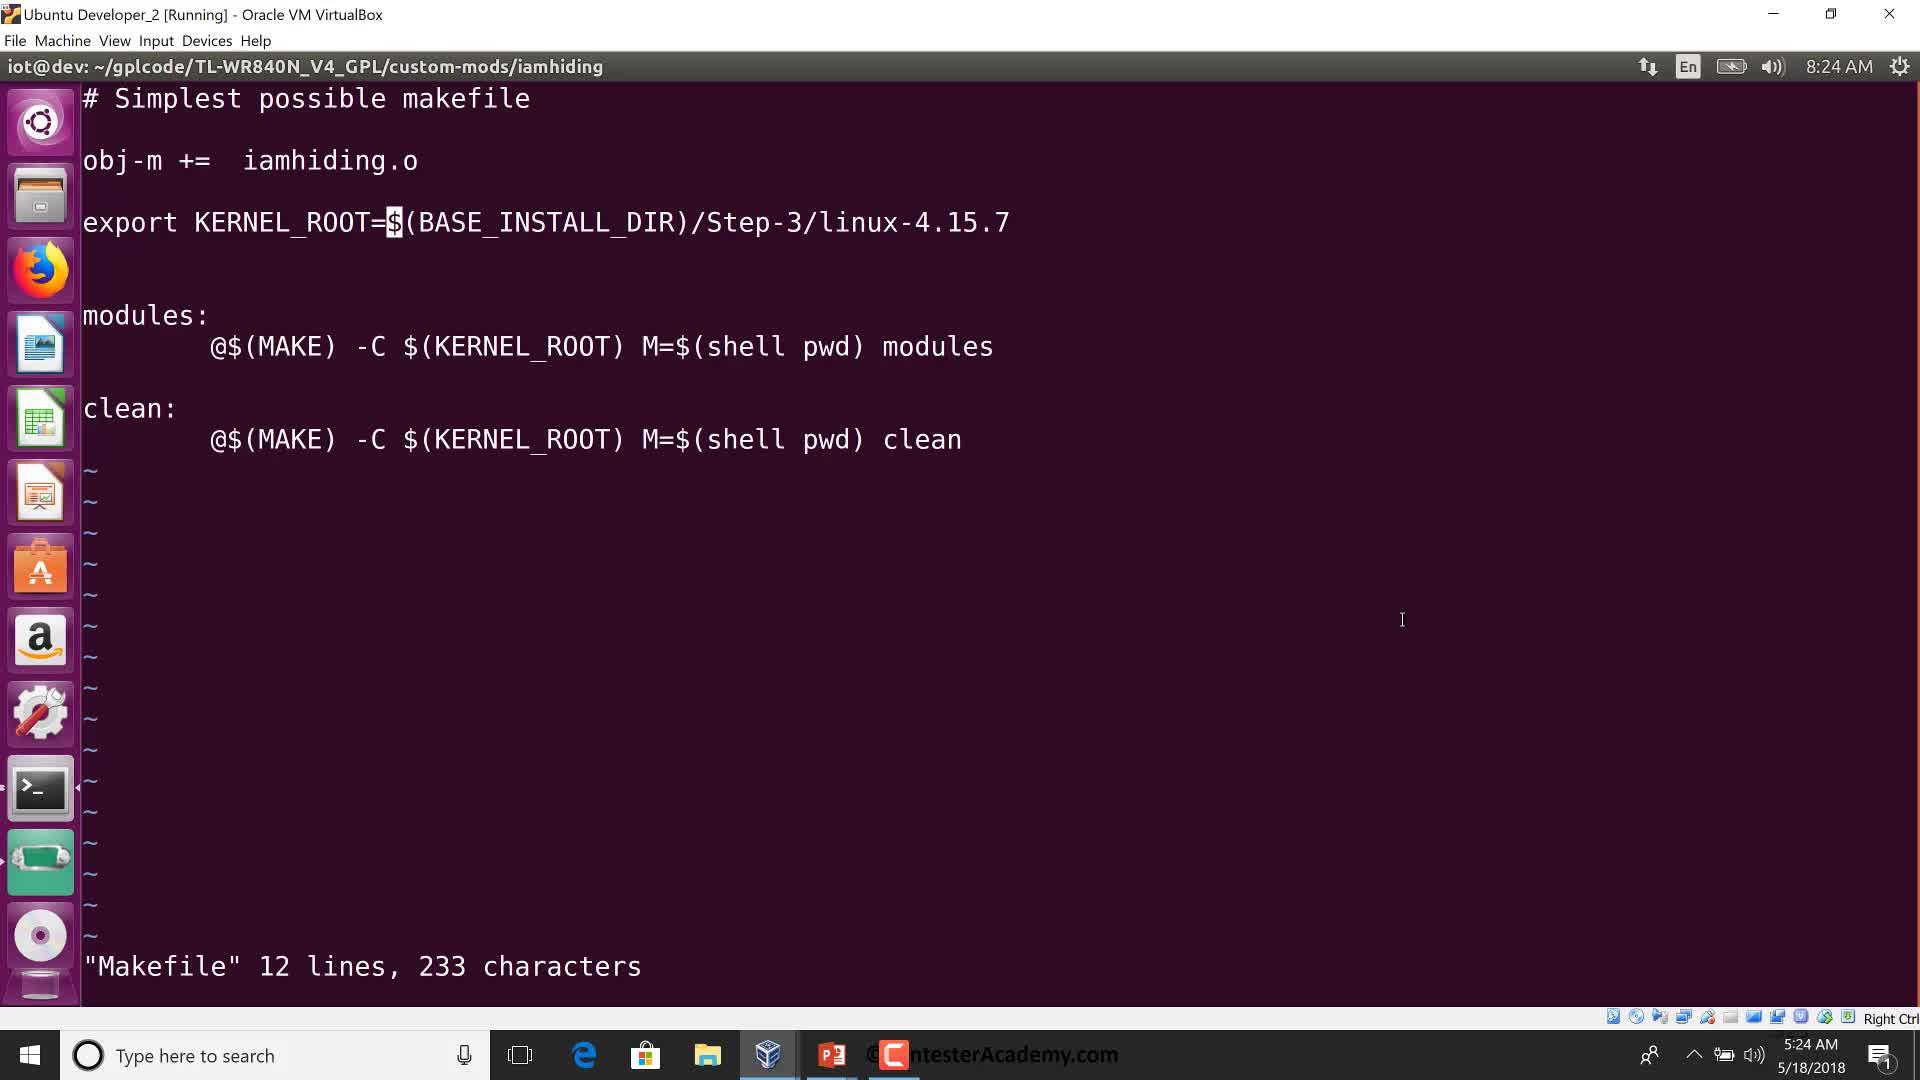 GPL Firmware: Porting iamhiding.ko